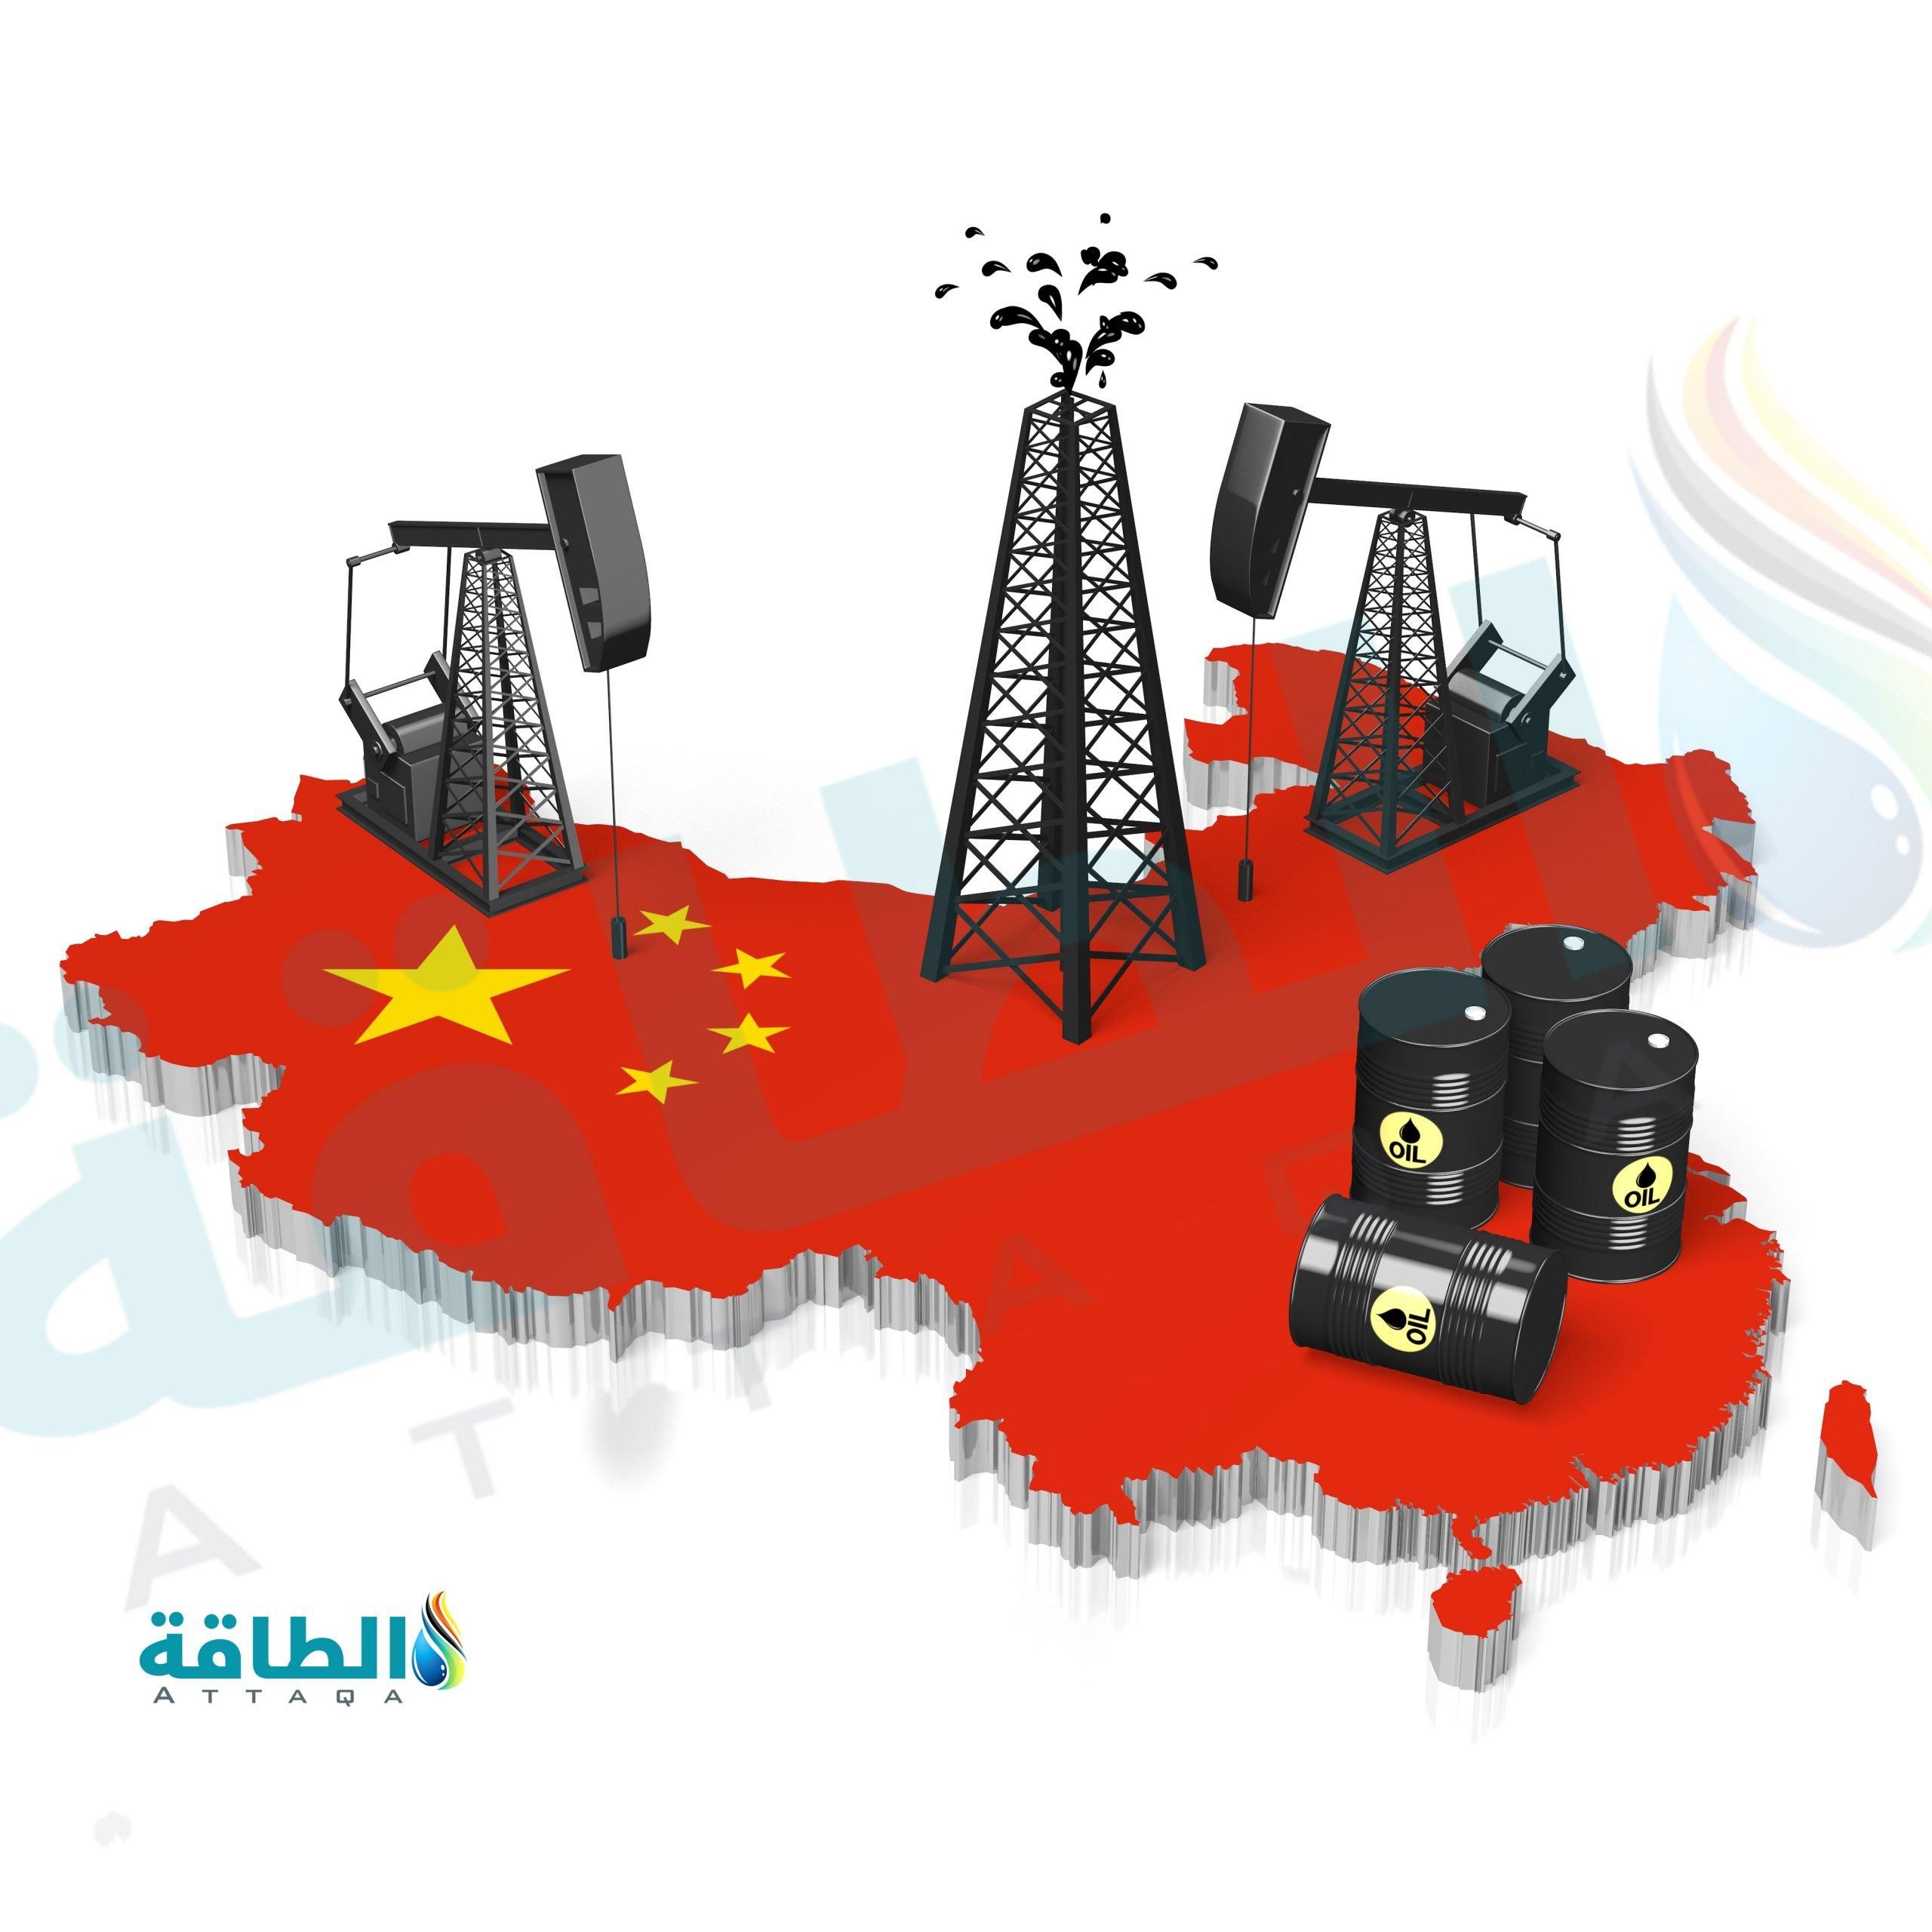 واردات الصين من النفط